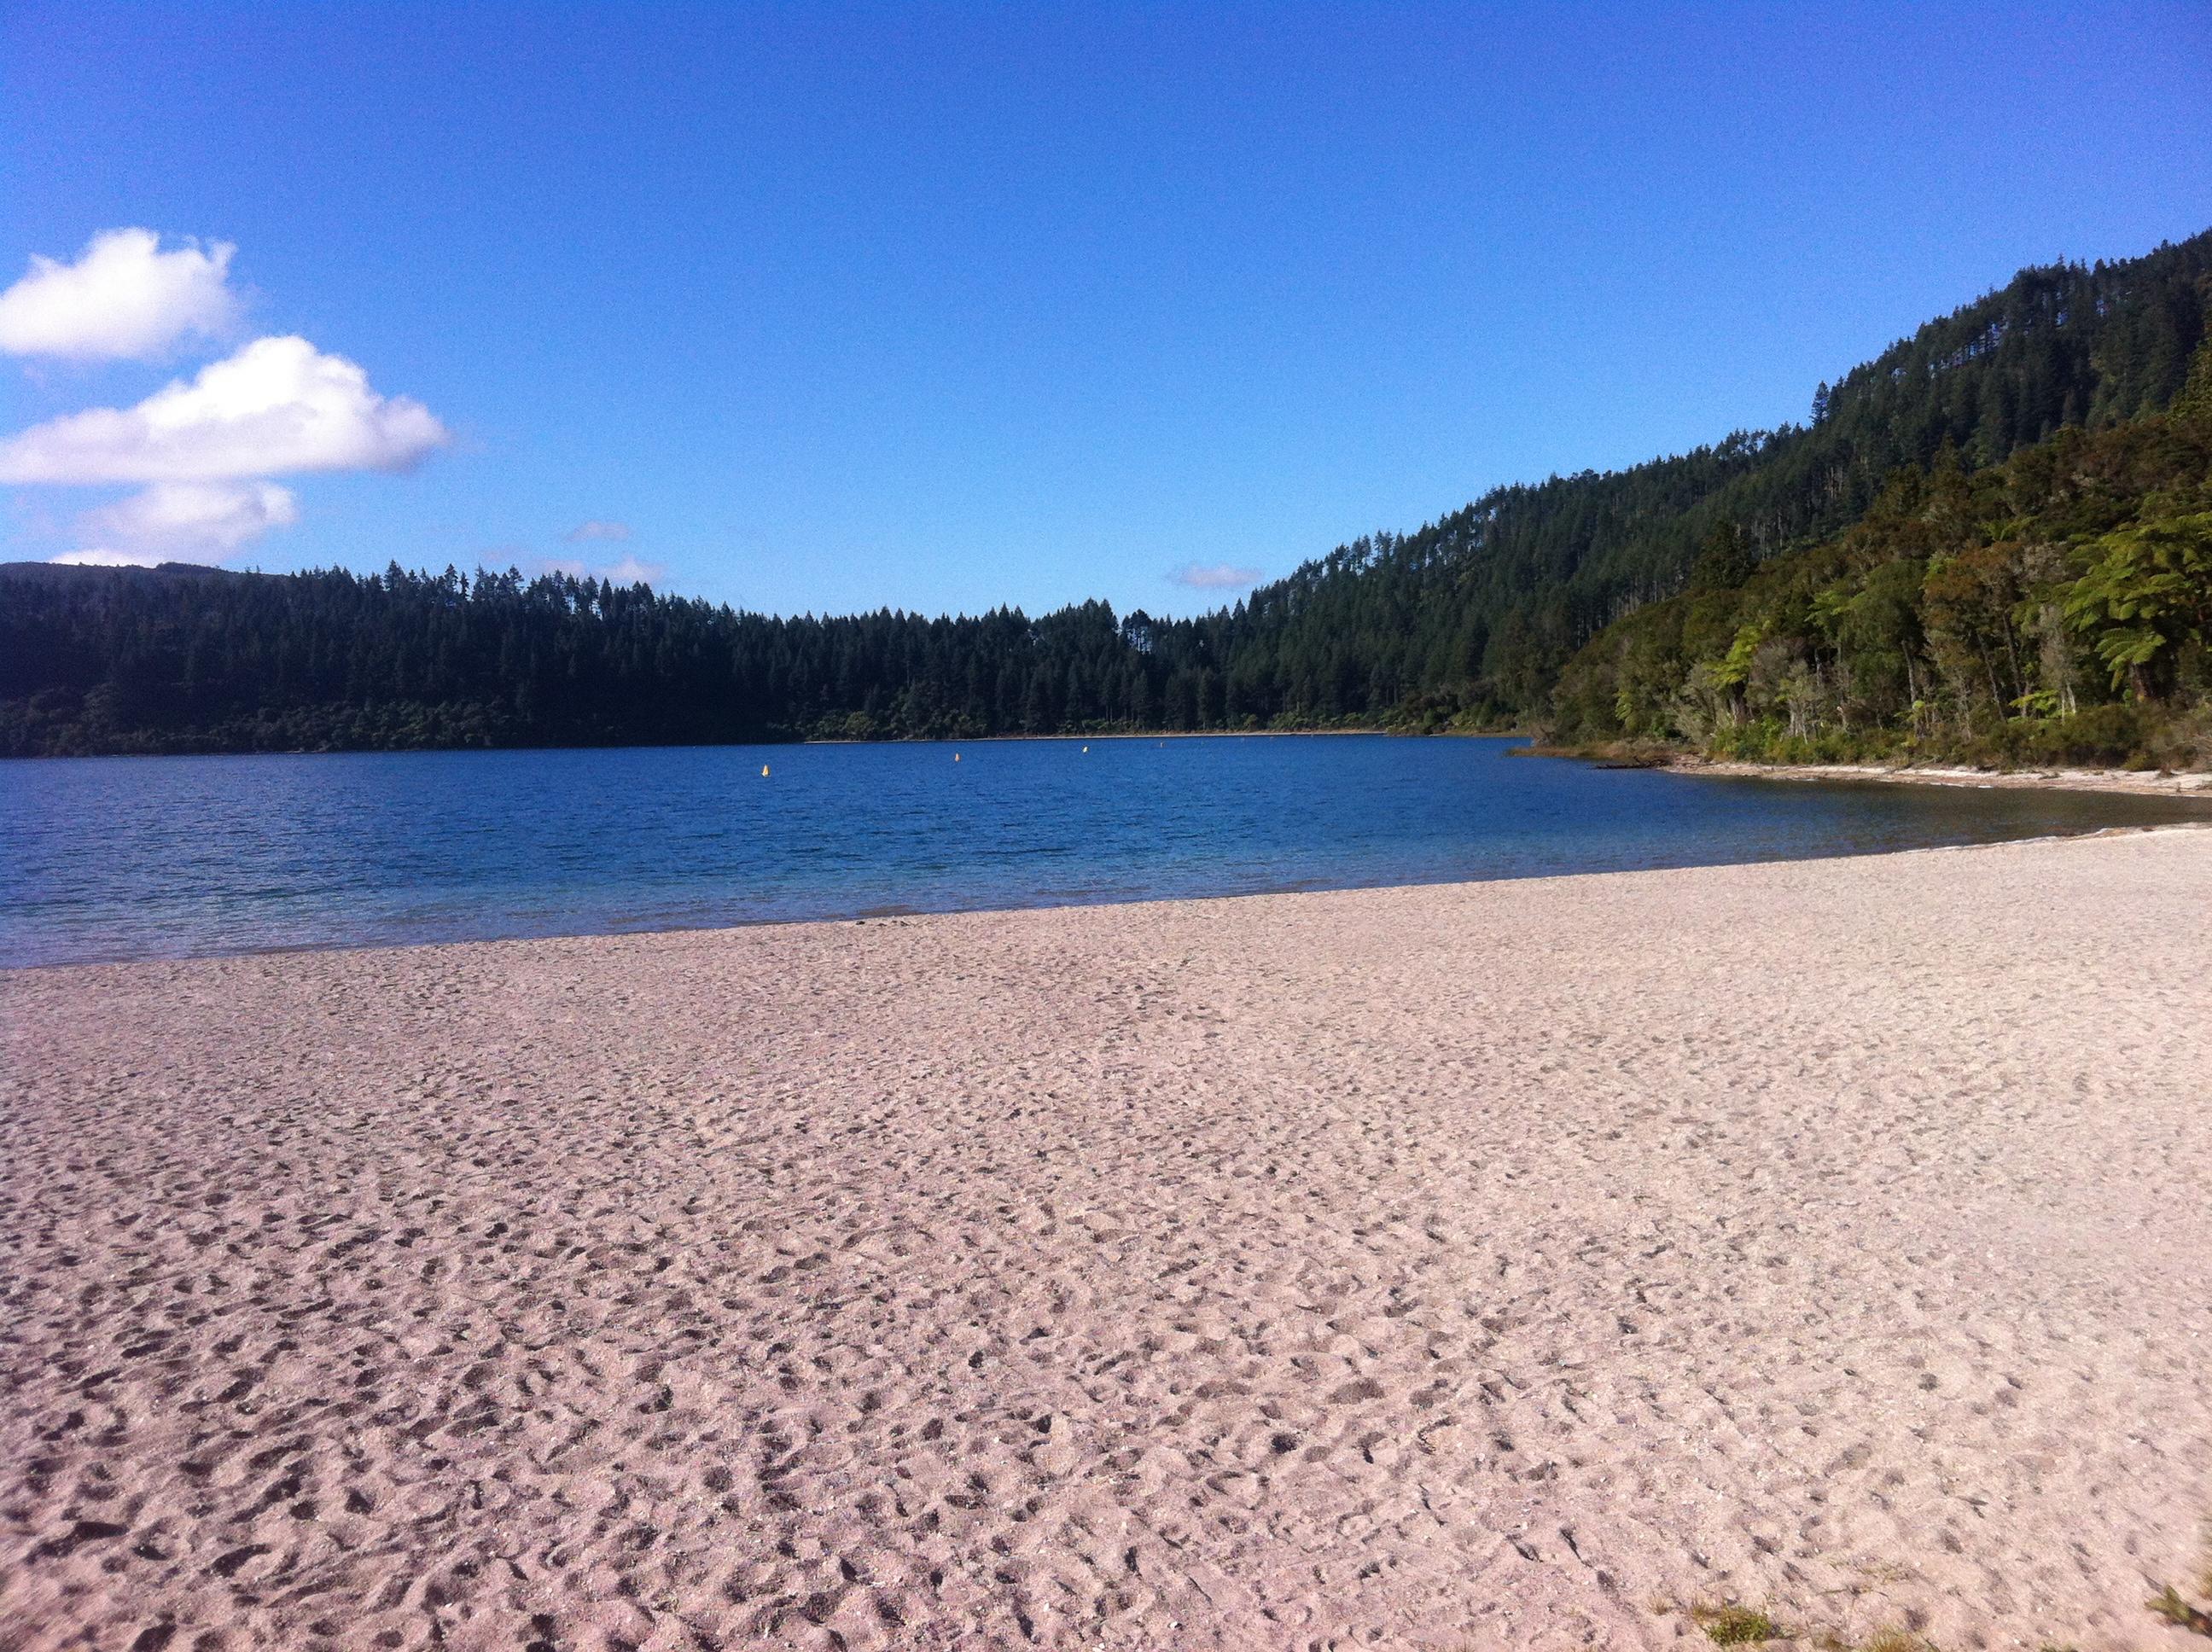 A visit to Tokaanu Thermal Springs, Rotorua and Tauranga